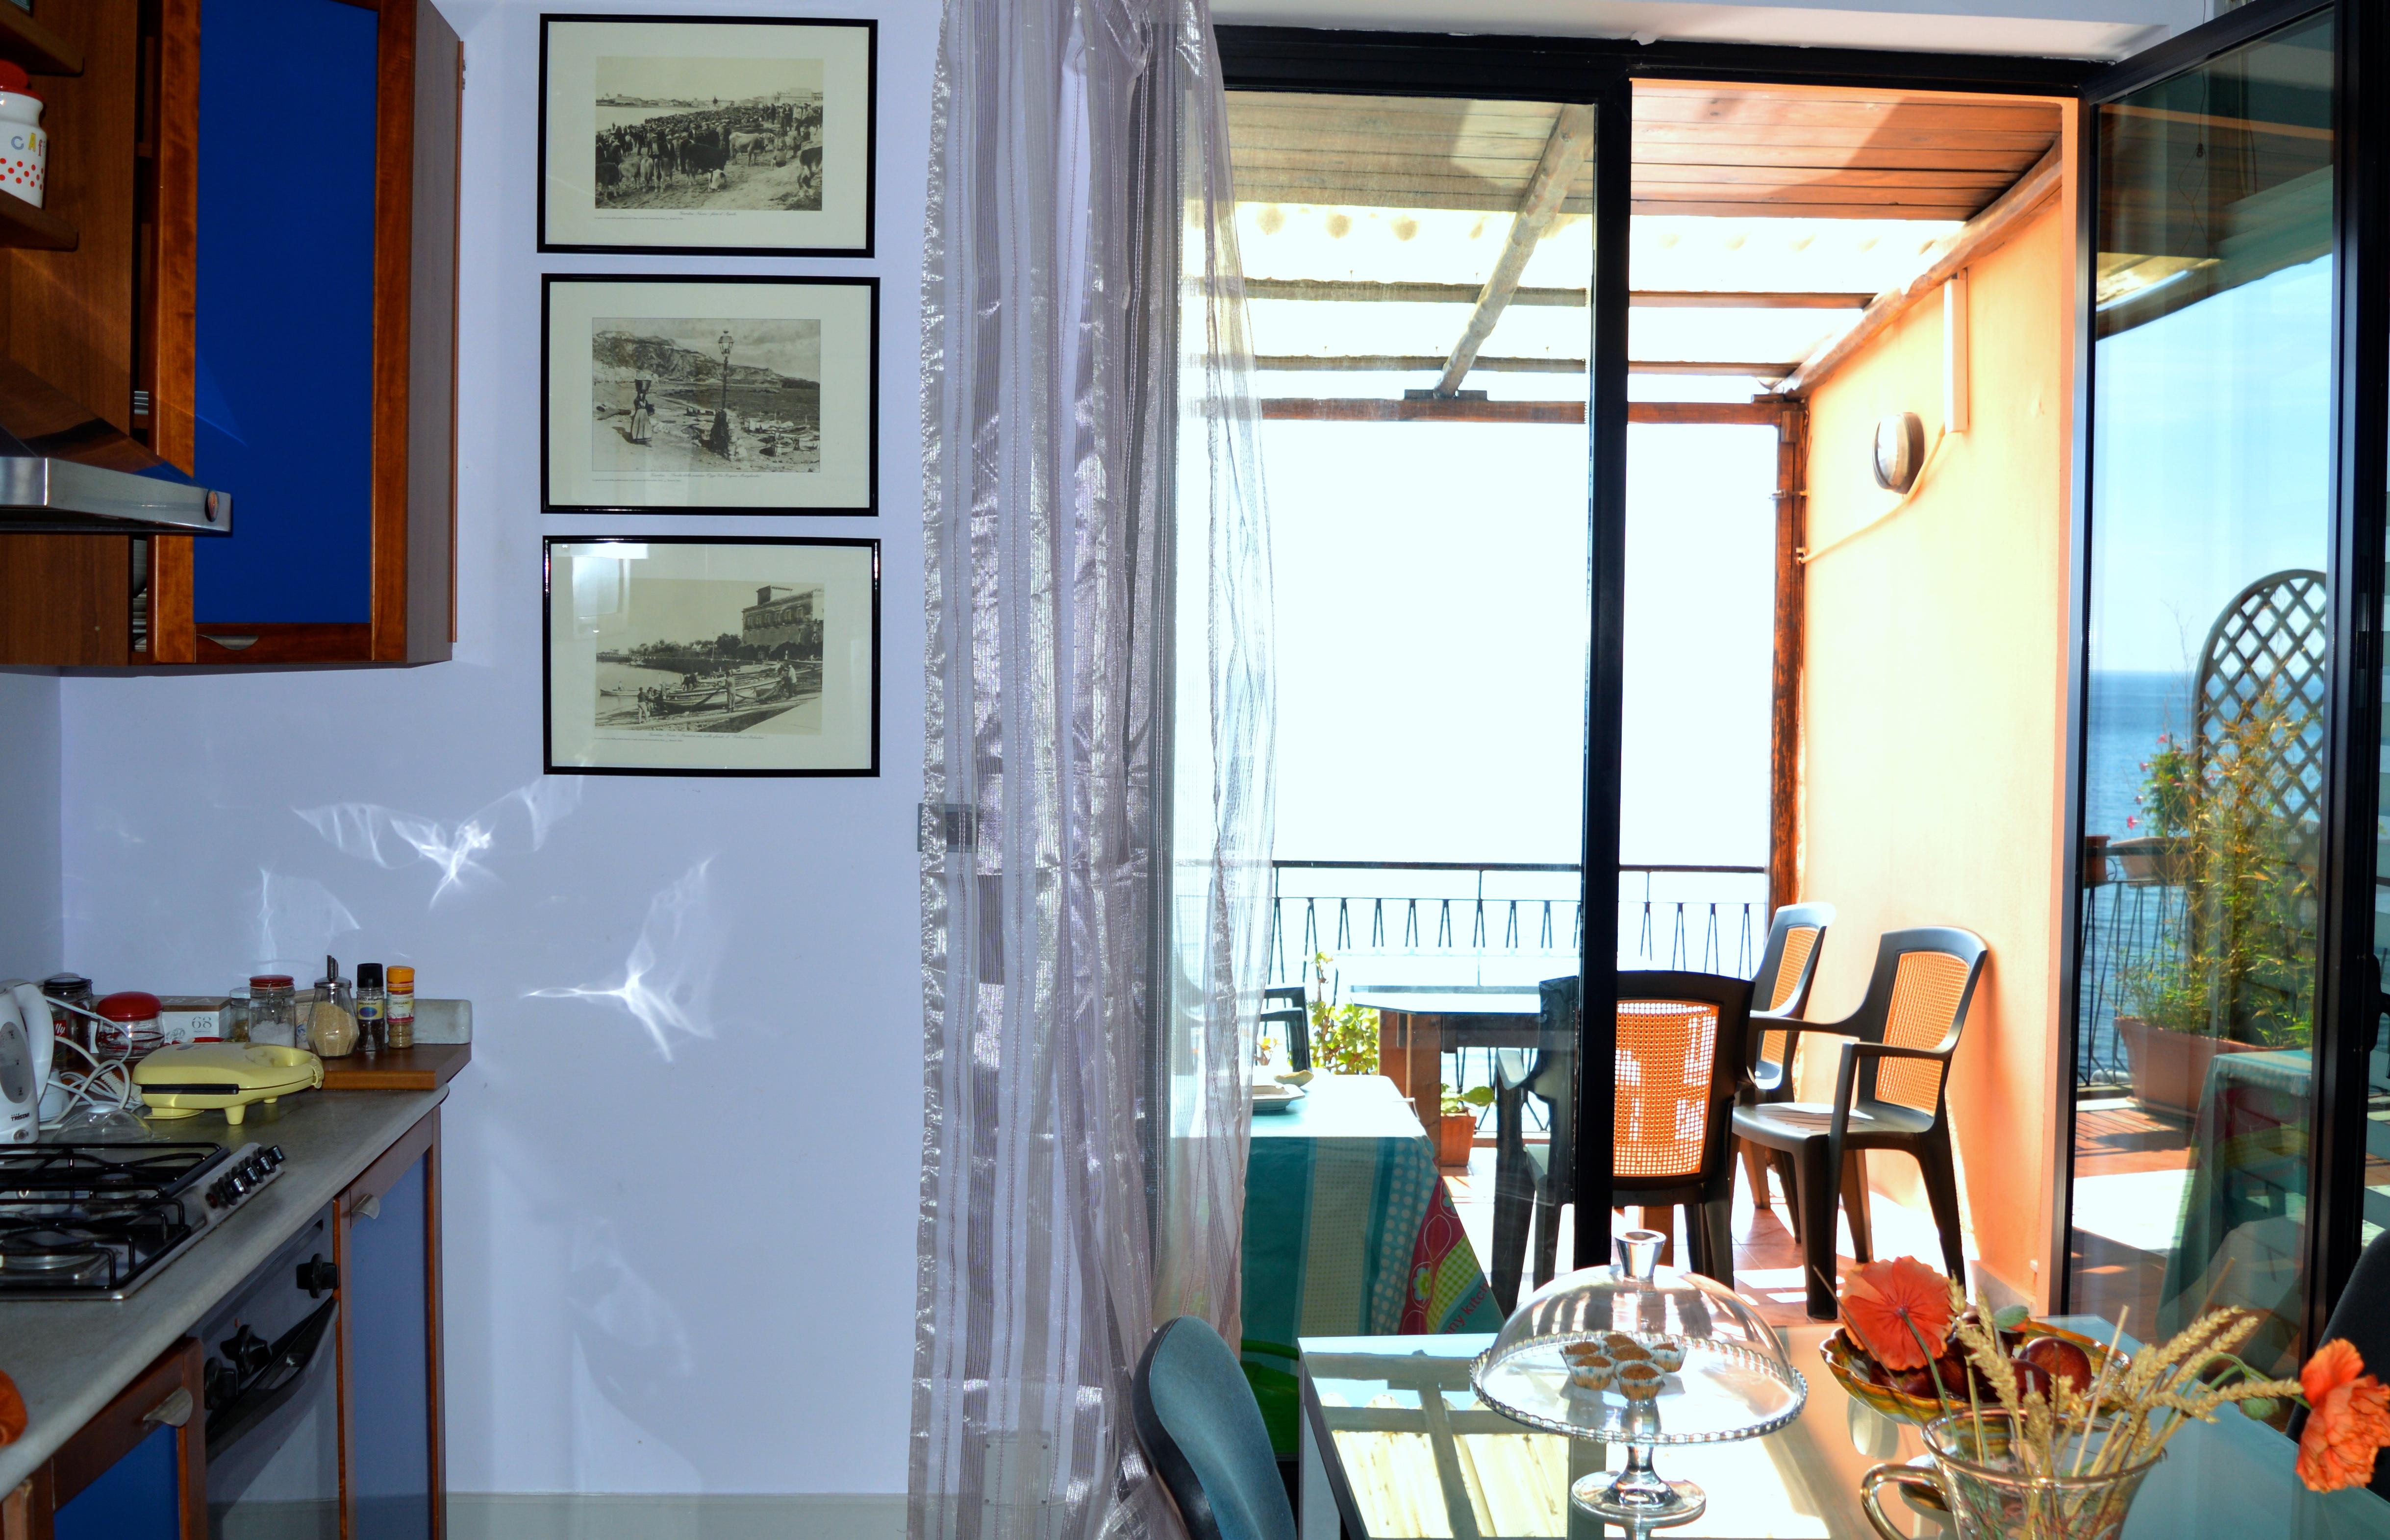 Cucina e terrazzo a disposizione degli ospiti b b teocle - Cucina sul terrazzo ...